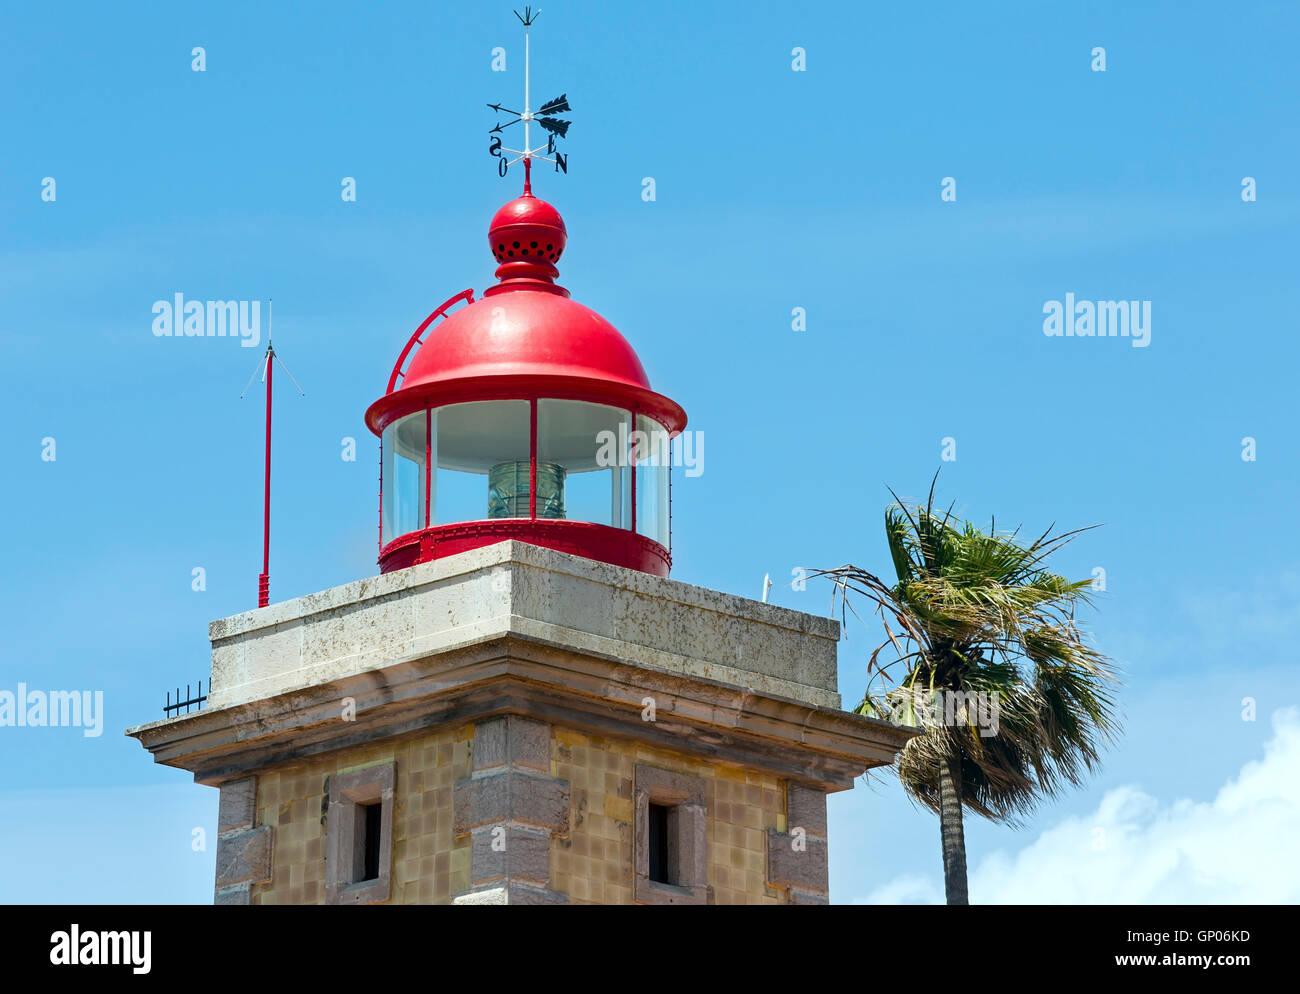 Lighthouse top on sky background (Ponta da Piedade cape, Lagos, Algarve, Portugal). Stock Photo